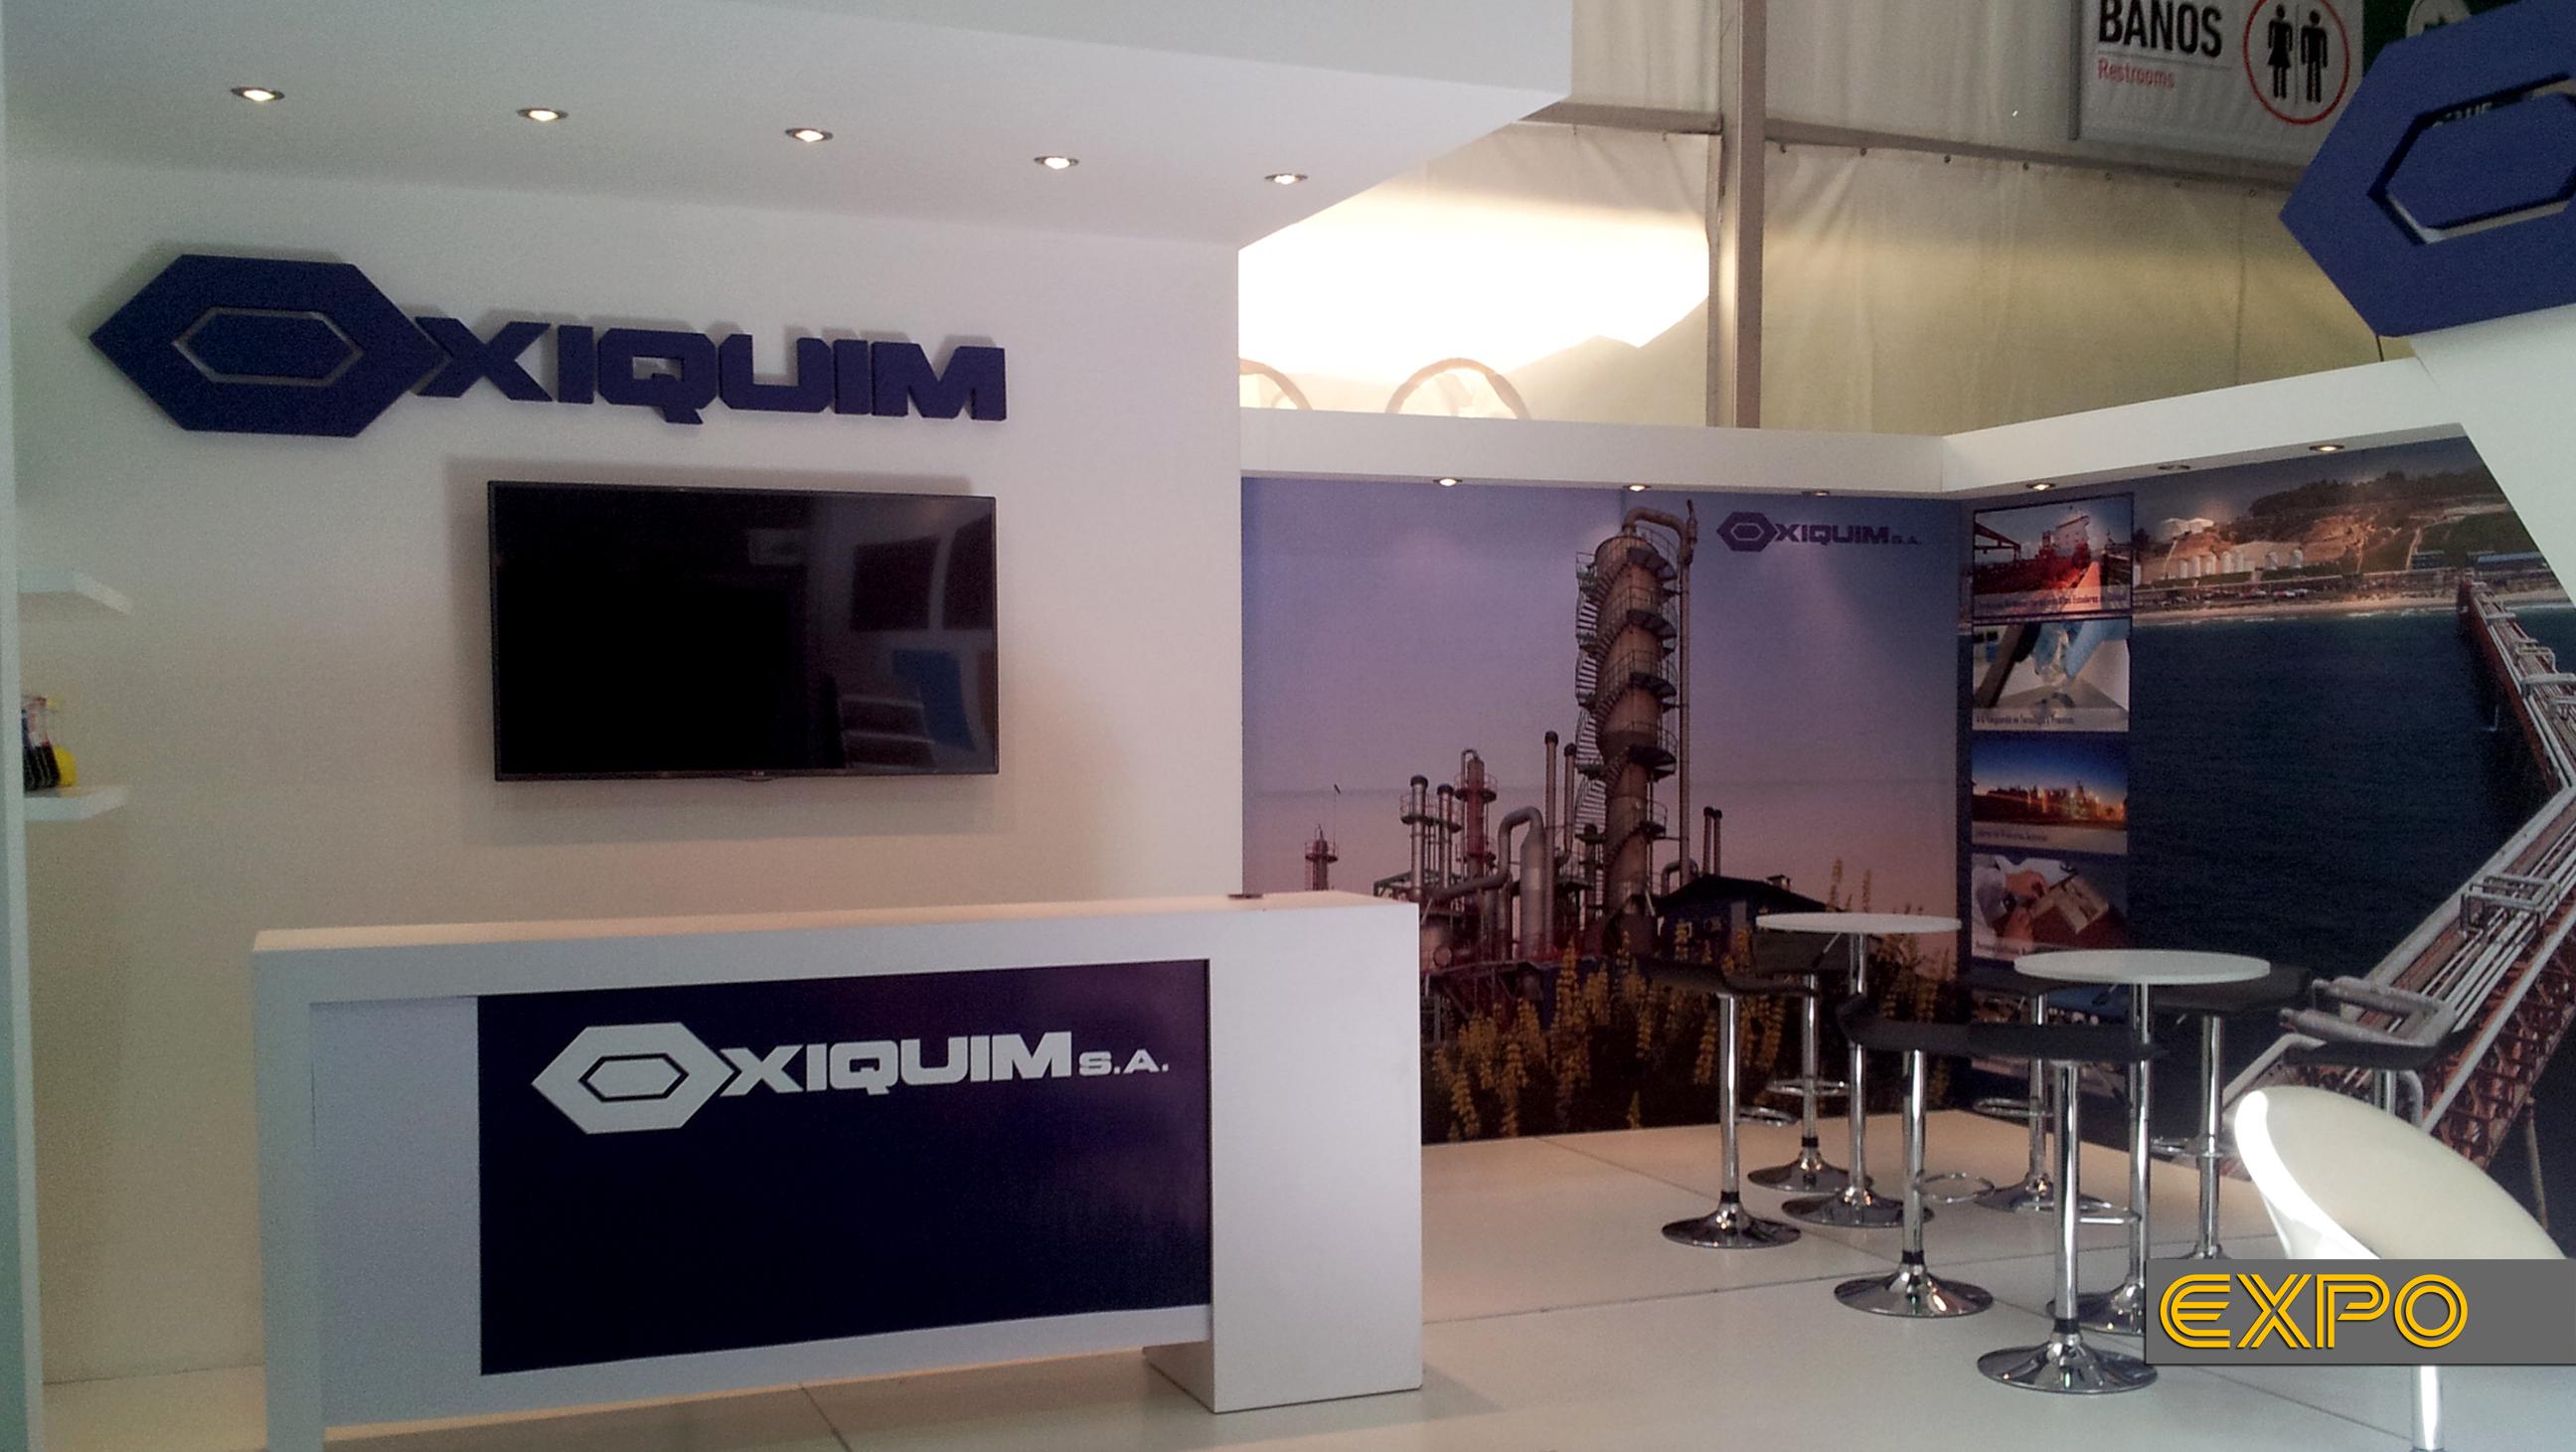 Expo - Oxiquim - Expocorma 2013